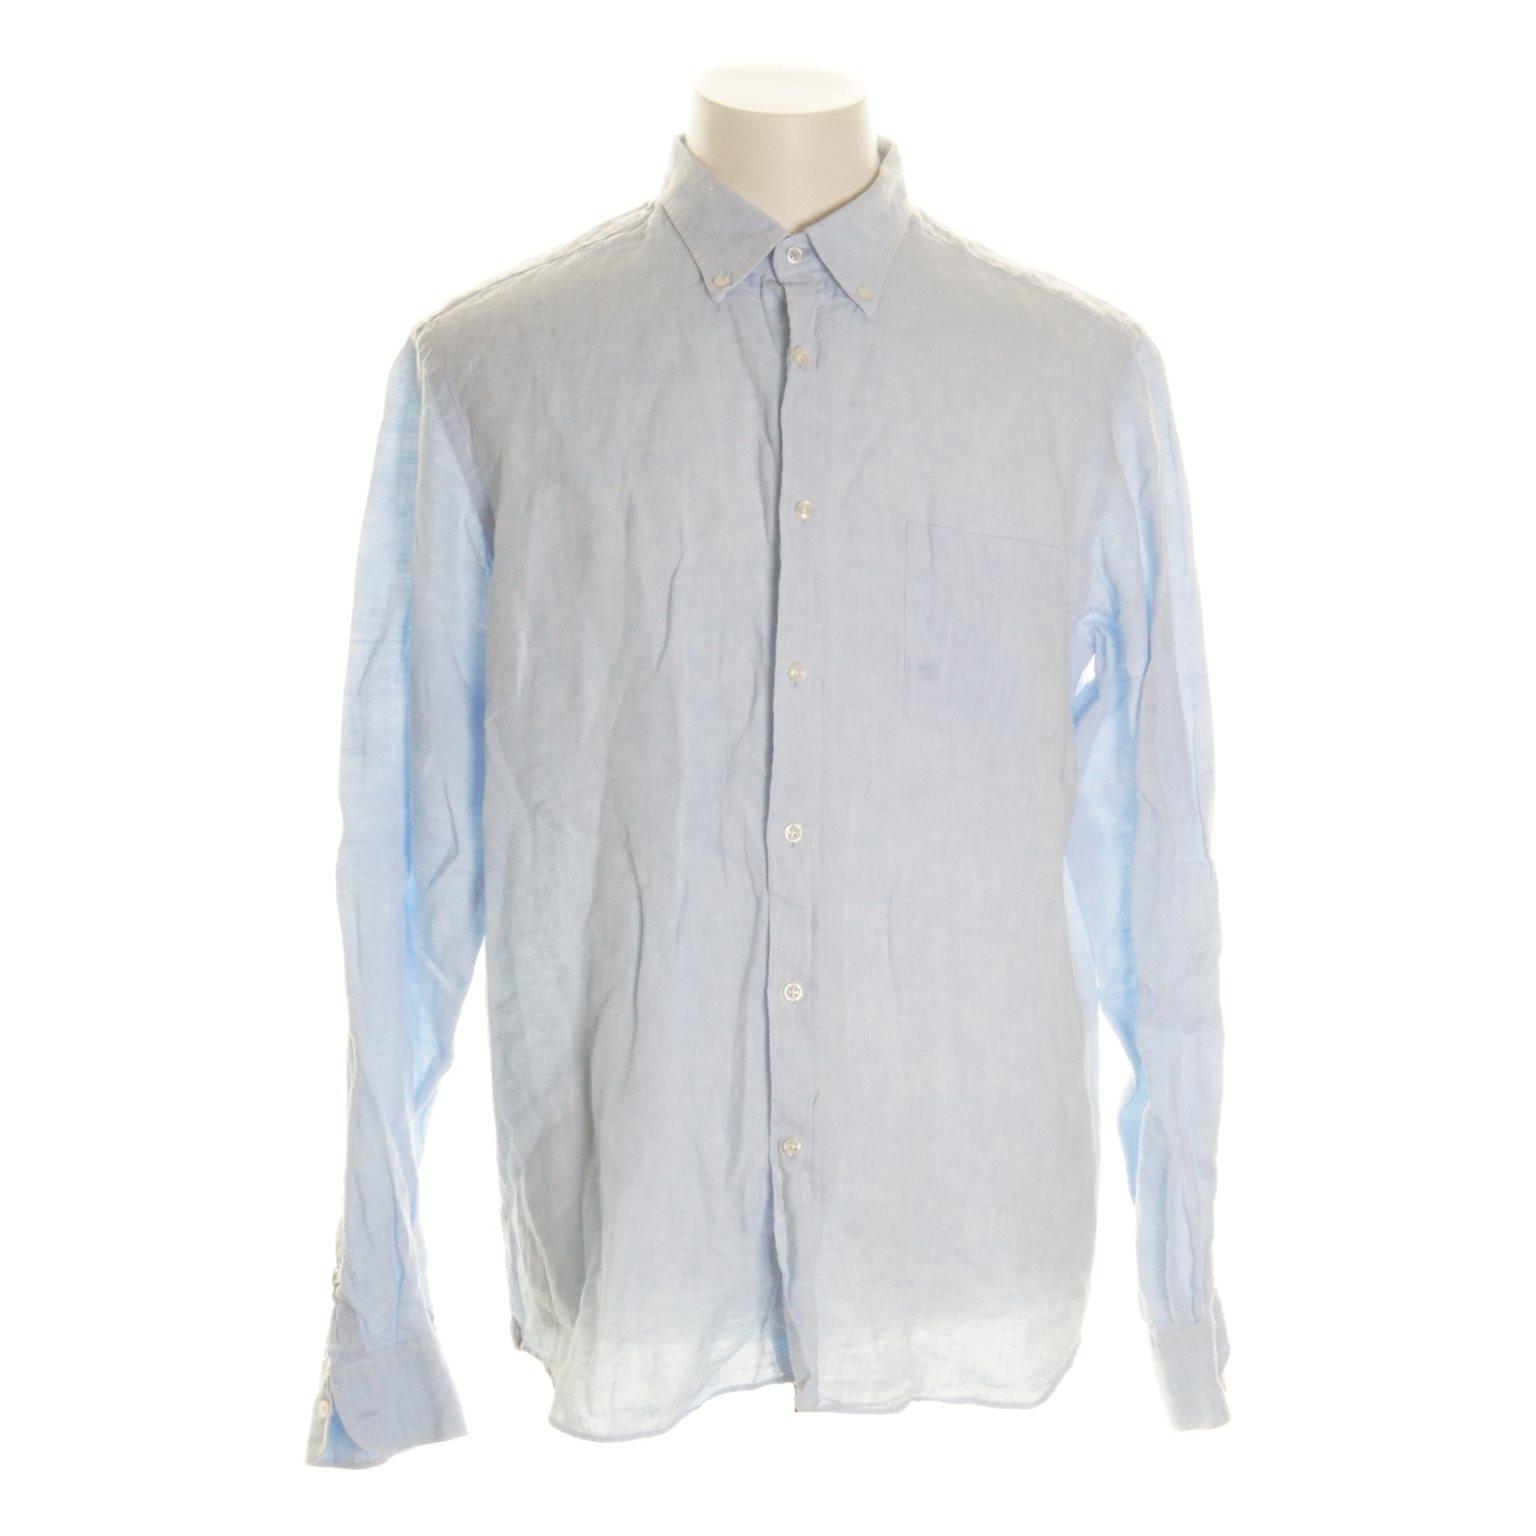 Massimo Dutti, Skjorta, Strl: XL, Blå, Linne